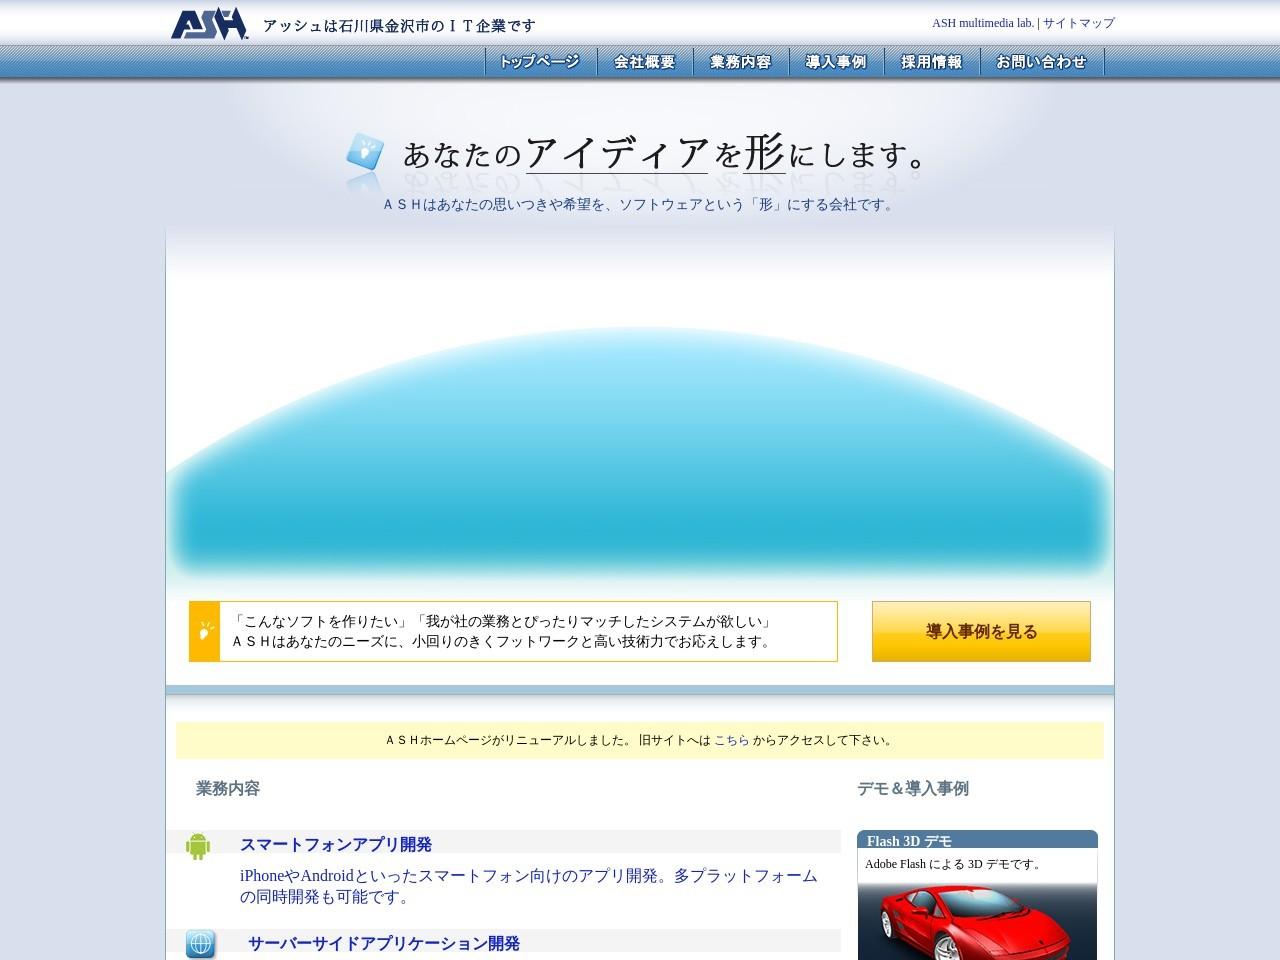 ASH有限会社